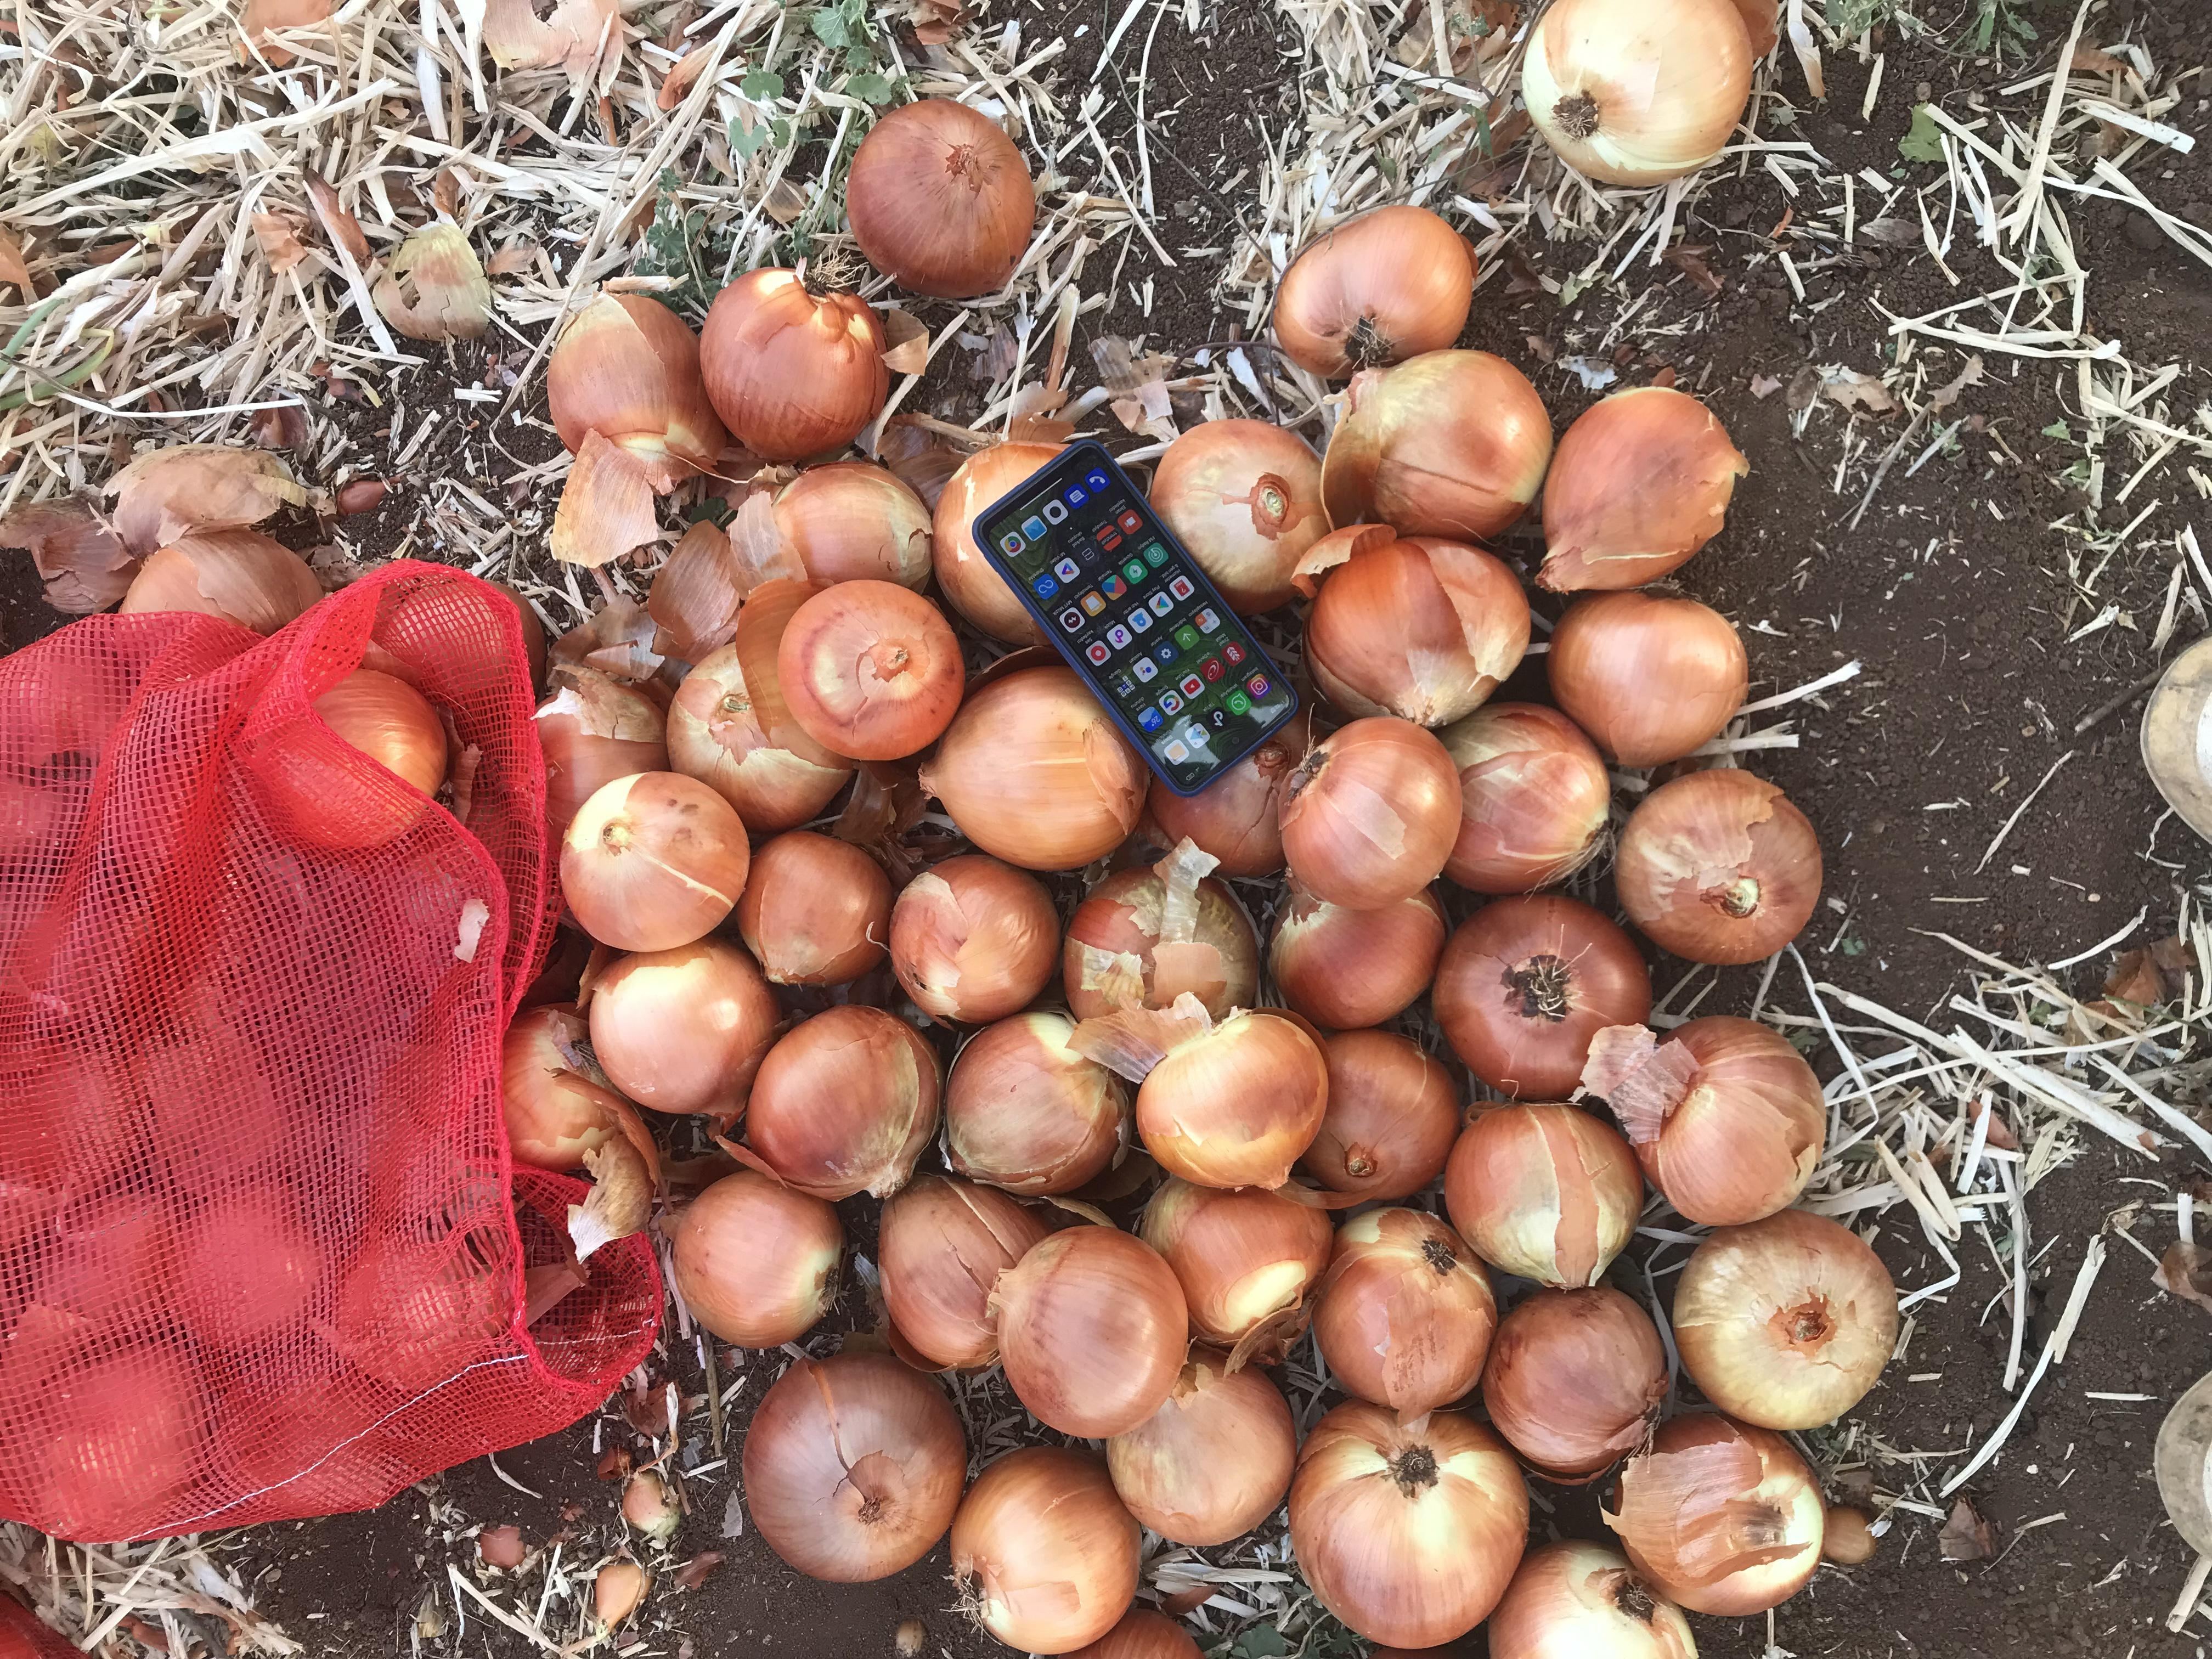 Kuru Soğan - Üretici Serdar Akgül 1.1 tl fiyat ile 700.000 kilogram kuru soğan  satmak istiyor